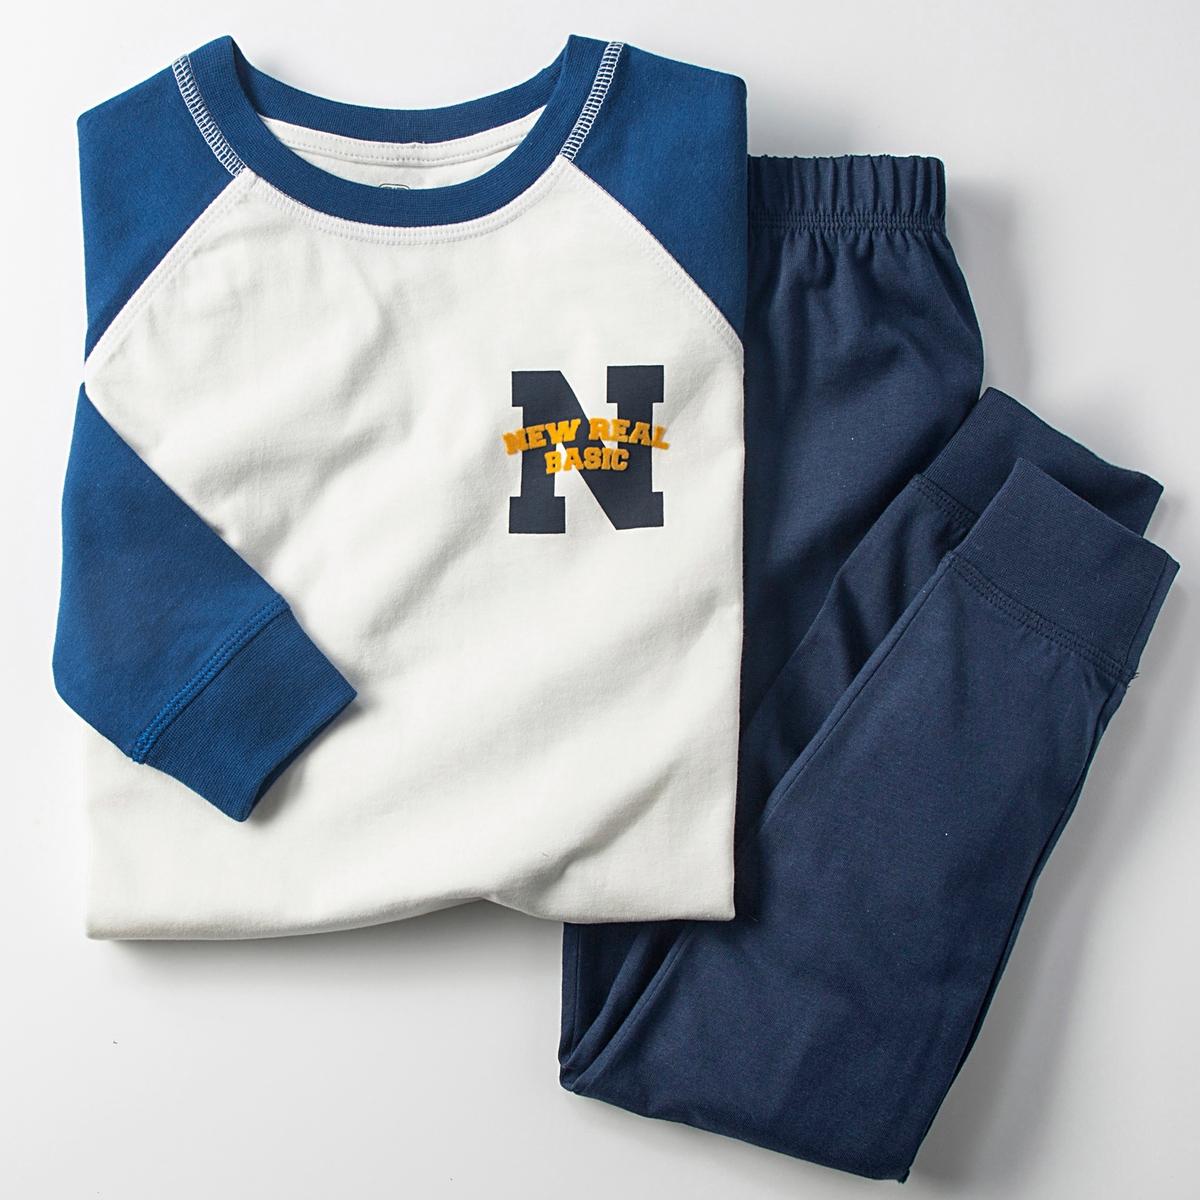 Pijama em algodão, estampado, 3 - 12 anos